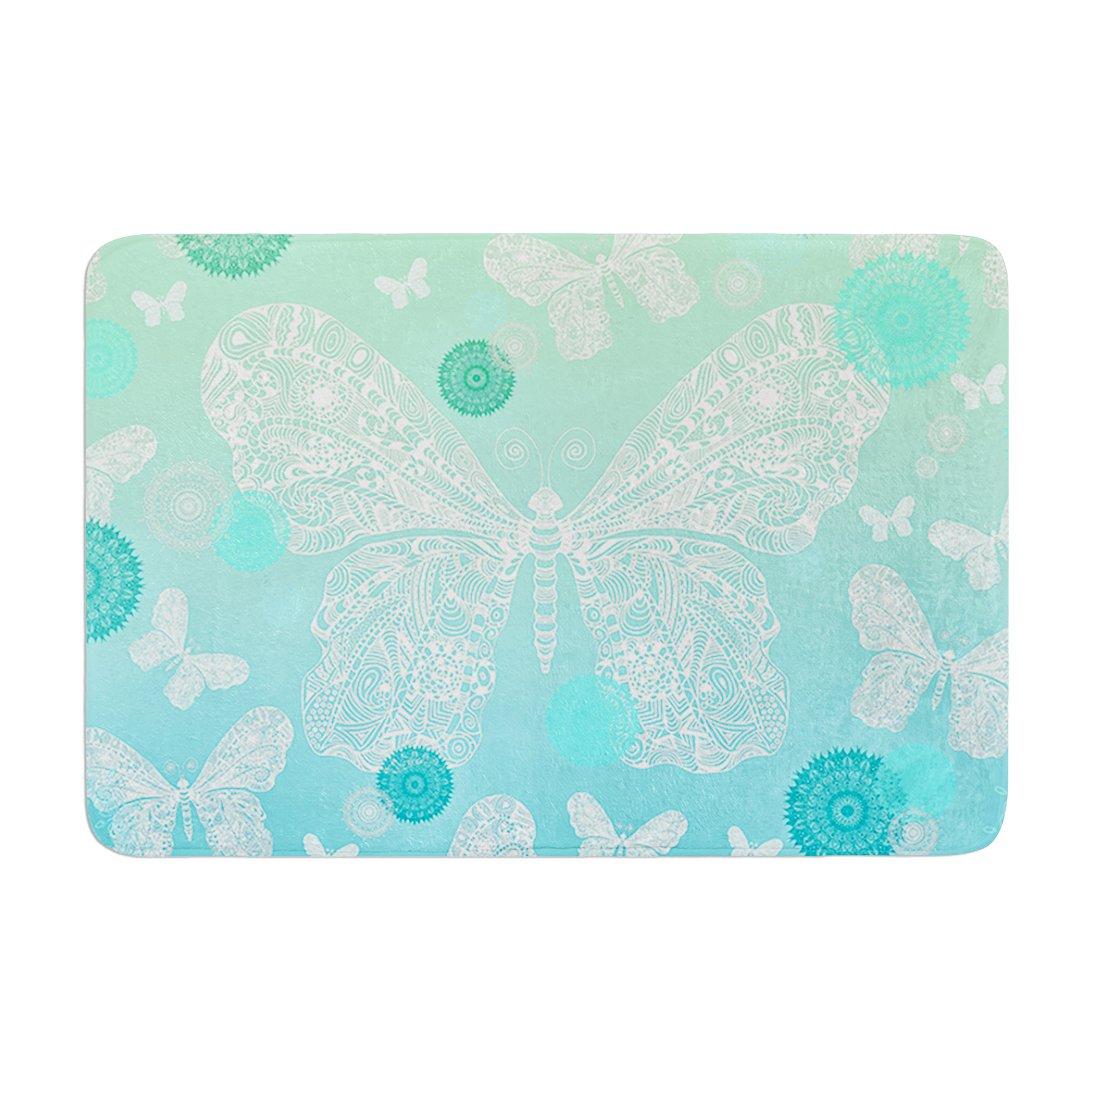 17 by 24 Kess InHouse Monika Strigel Butterfly Dreams Mint Aqua Teal Memory Foam Bath Mat